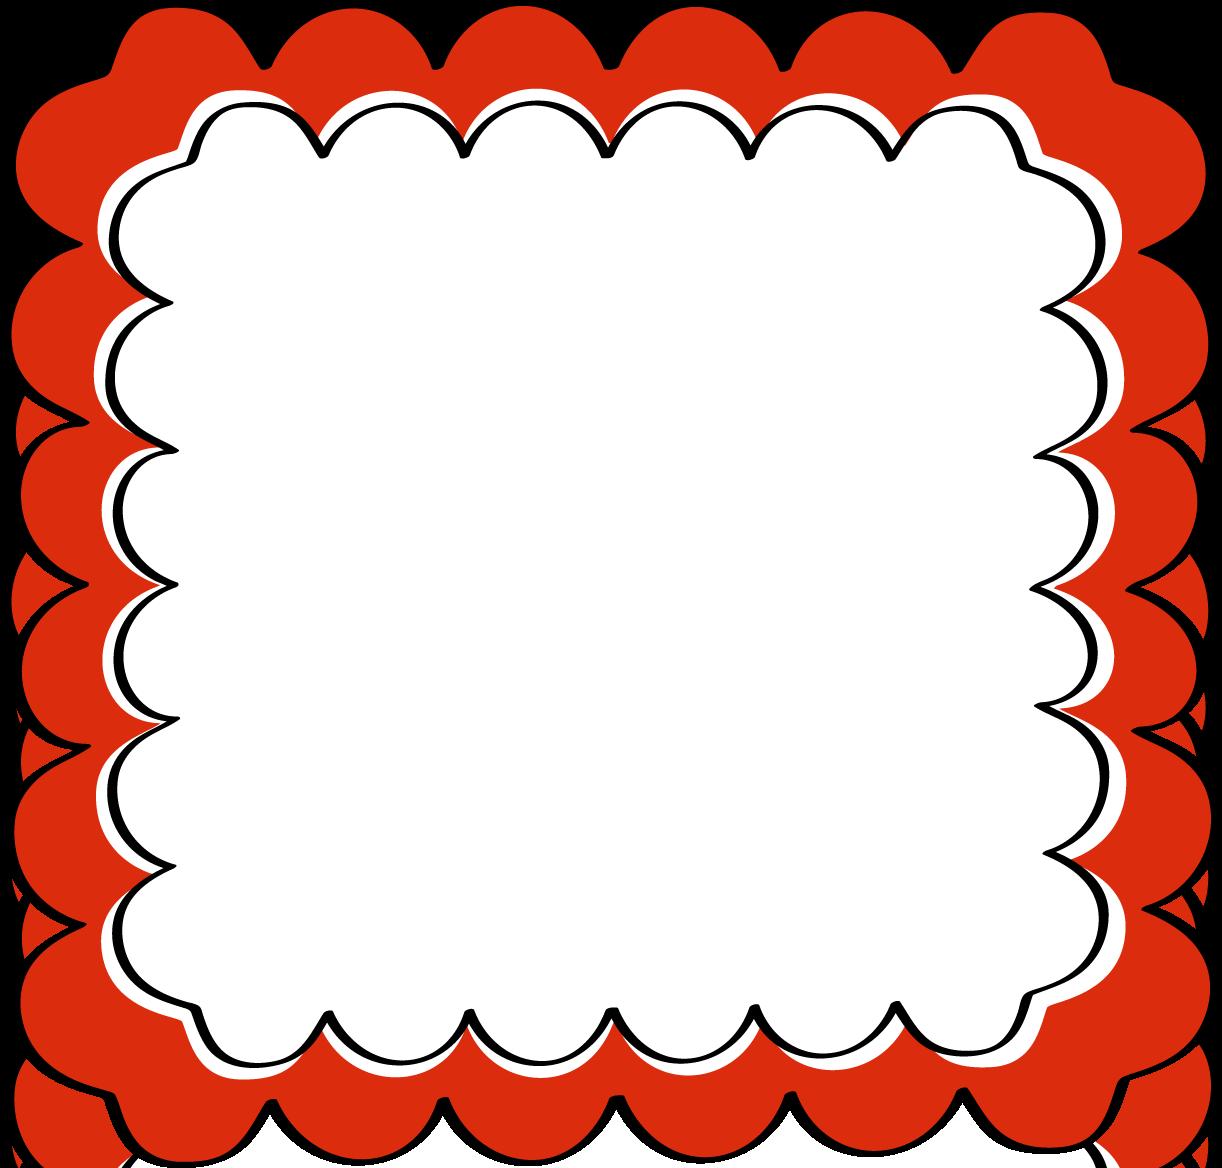 Red Scalloped Frame - Free Clip Art Frames